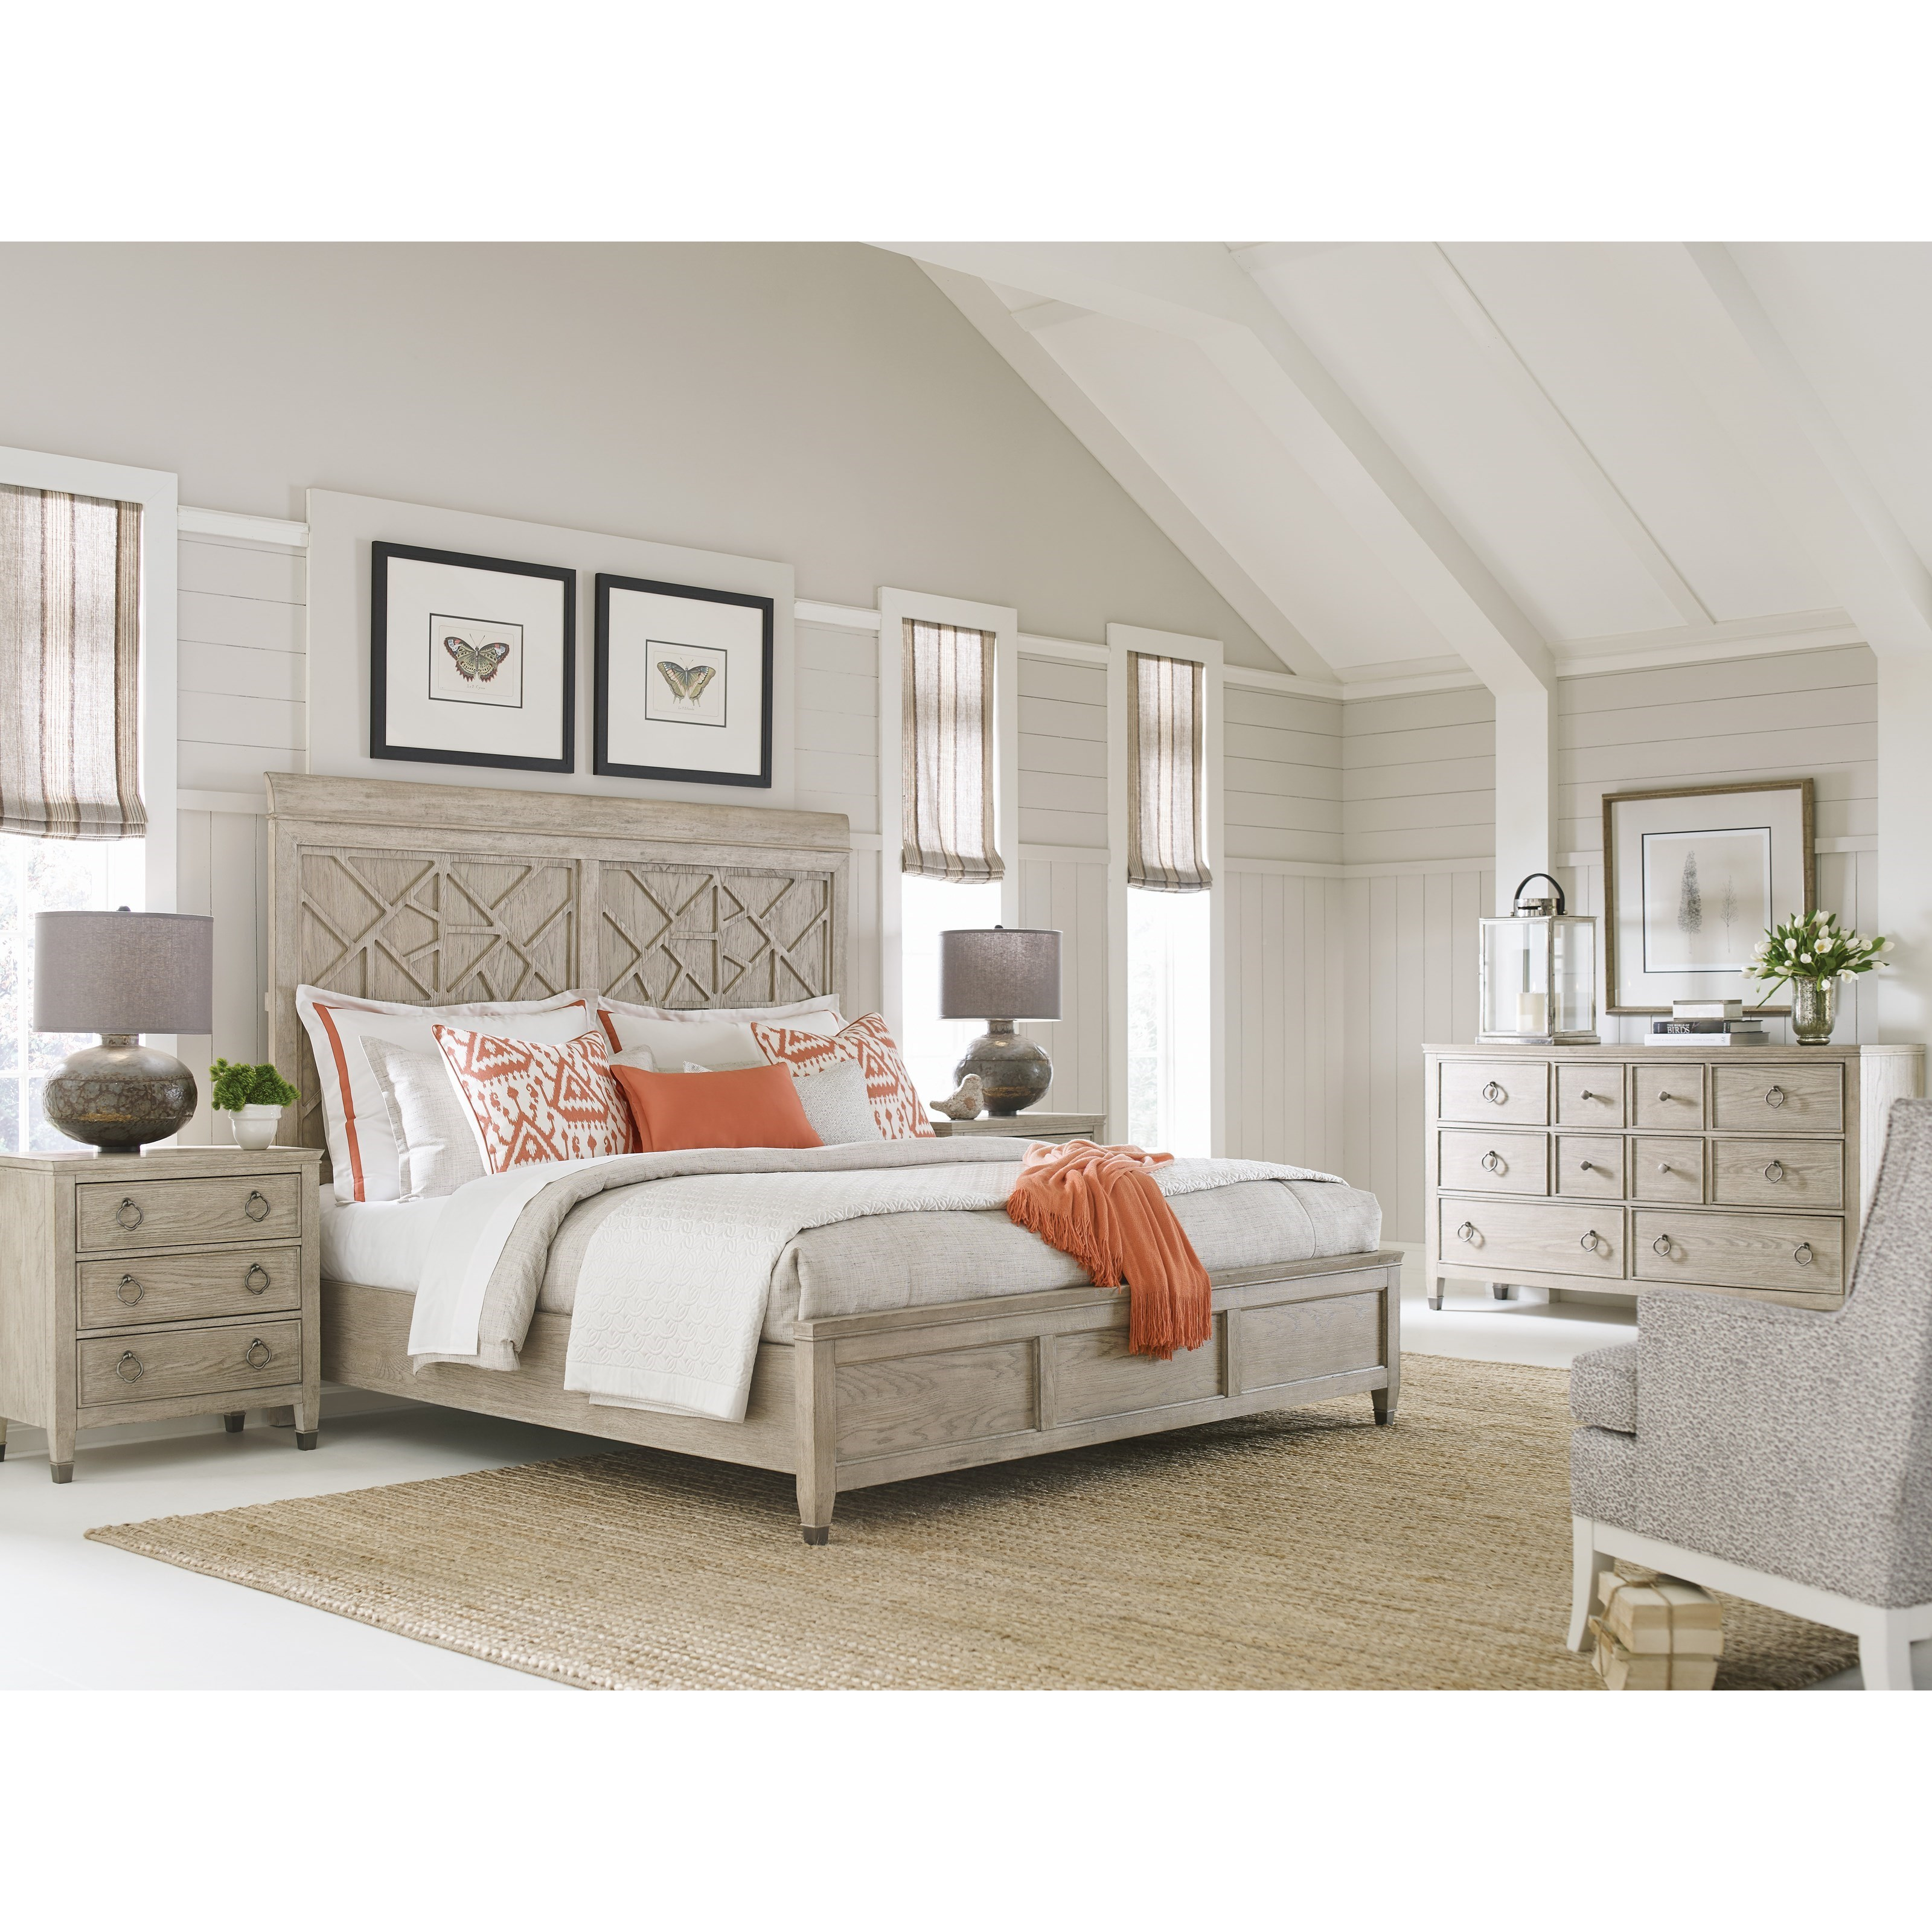 Living Trends Vista Queen Bedroom Group Sprintz